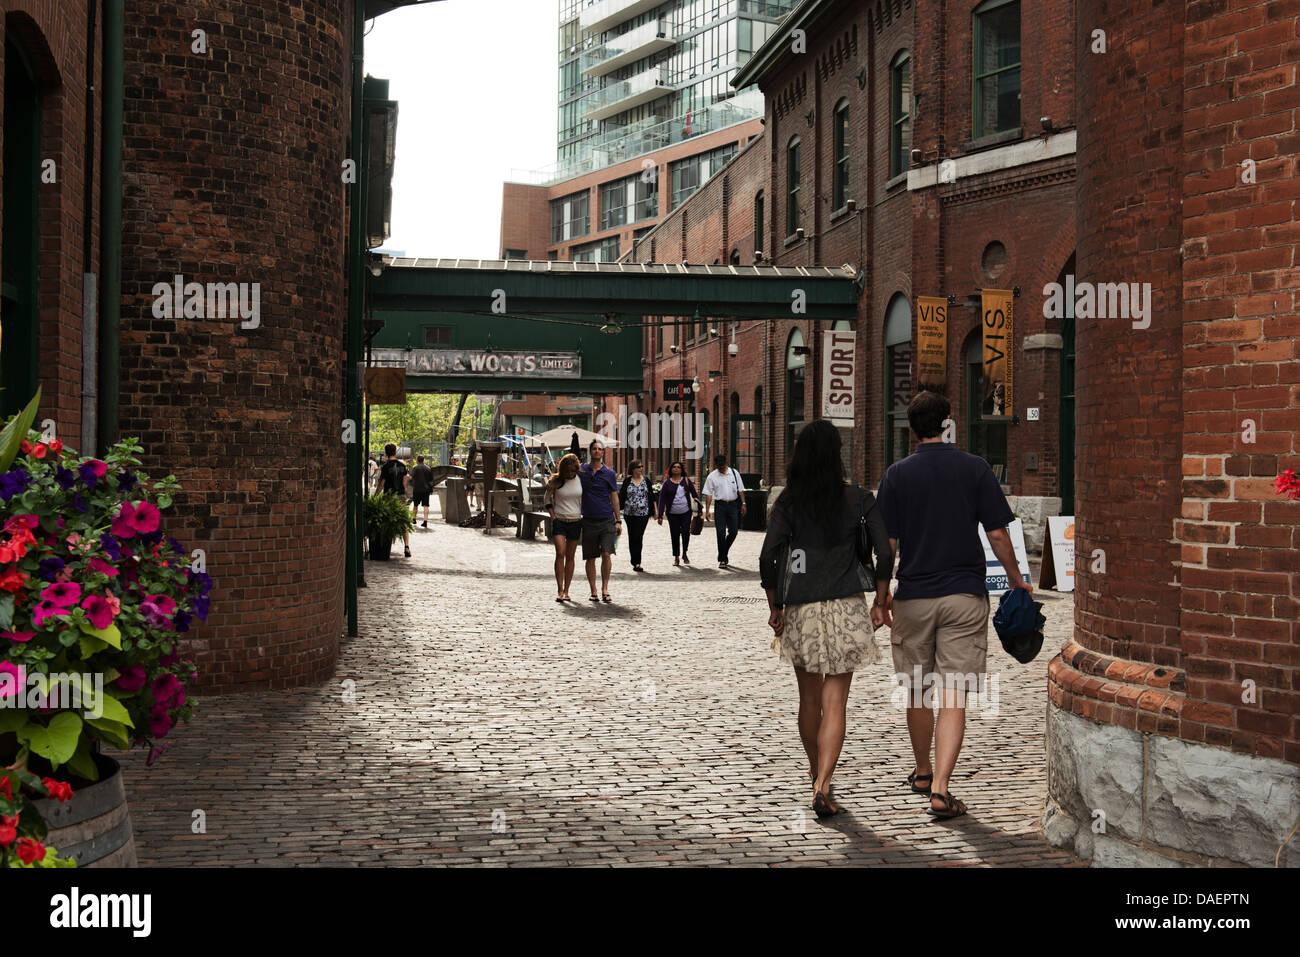 Escena de una calle en el distrito de la destilería en Toronto, Ontario, Canadá Imagen De Stock